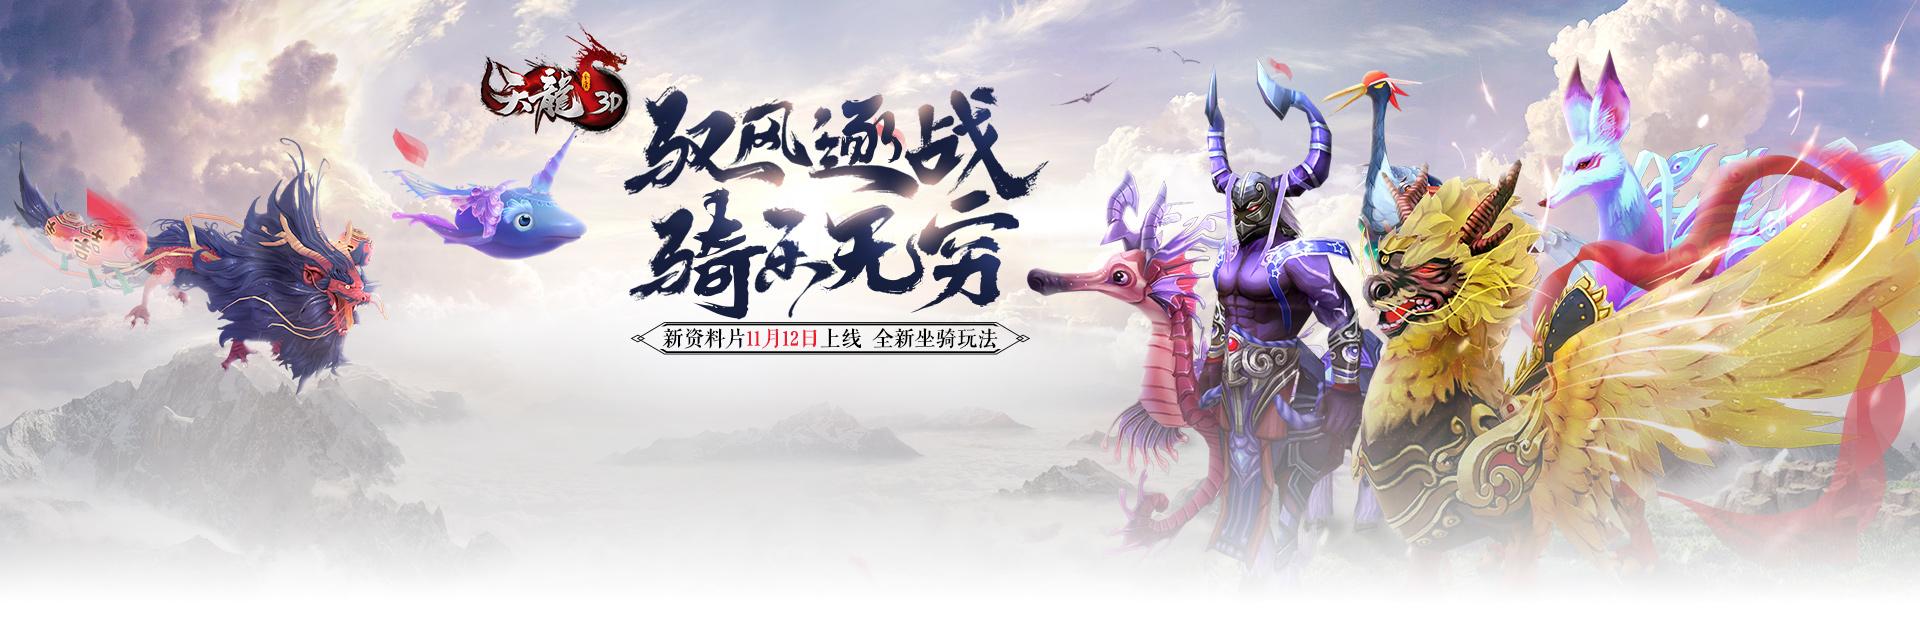 《天龙八部3D》官网